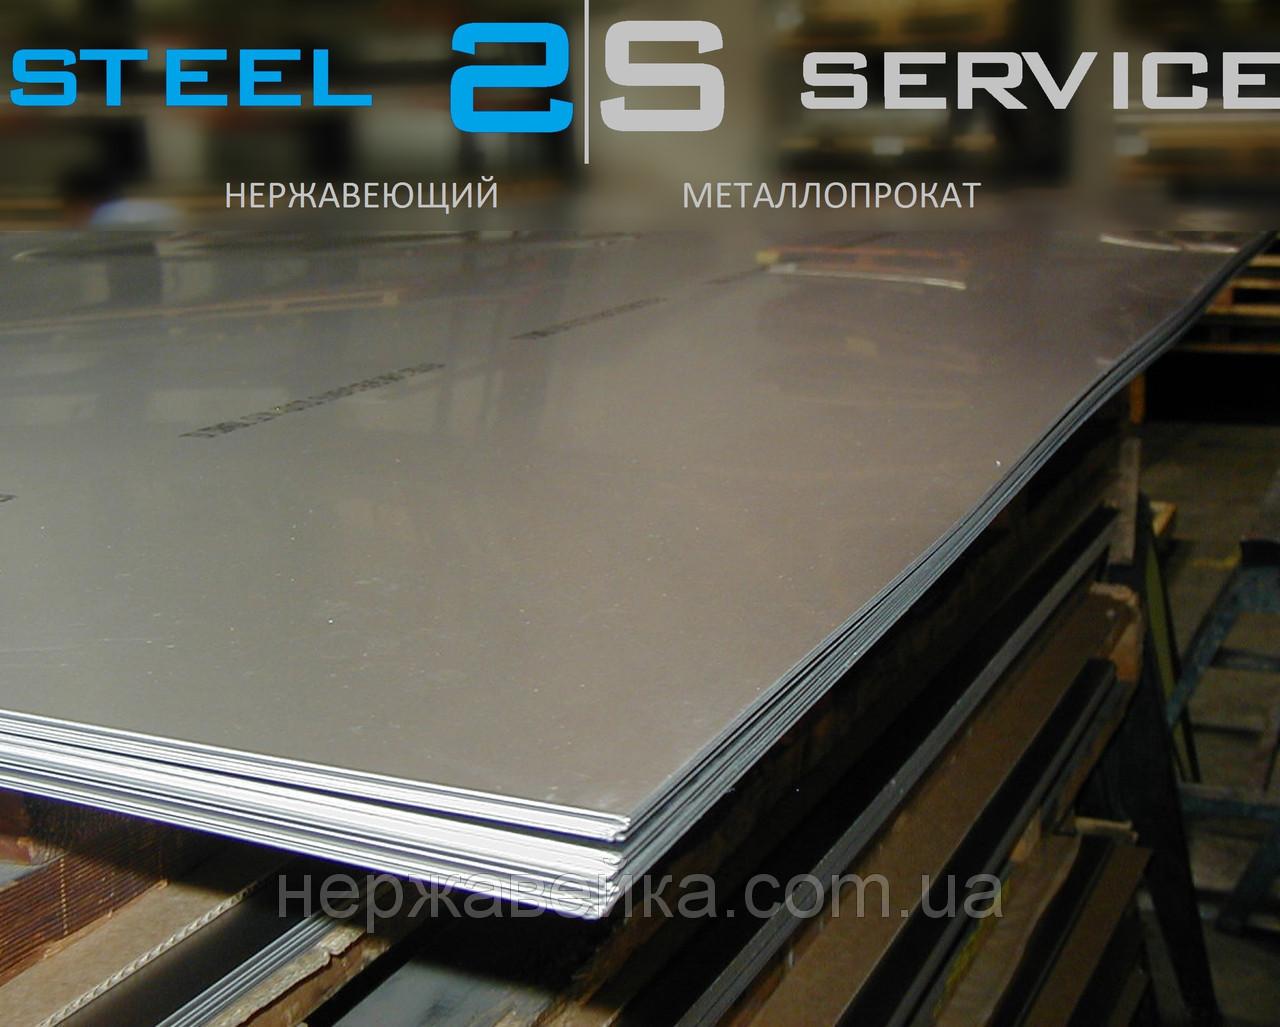 Нержавеющий лист 1х1000х2000мм AISI 430(12Х17) BA - зеркало, технический